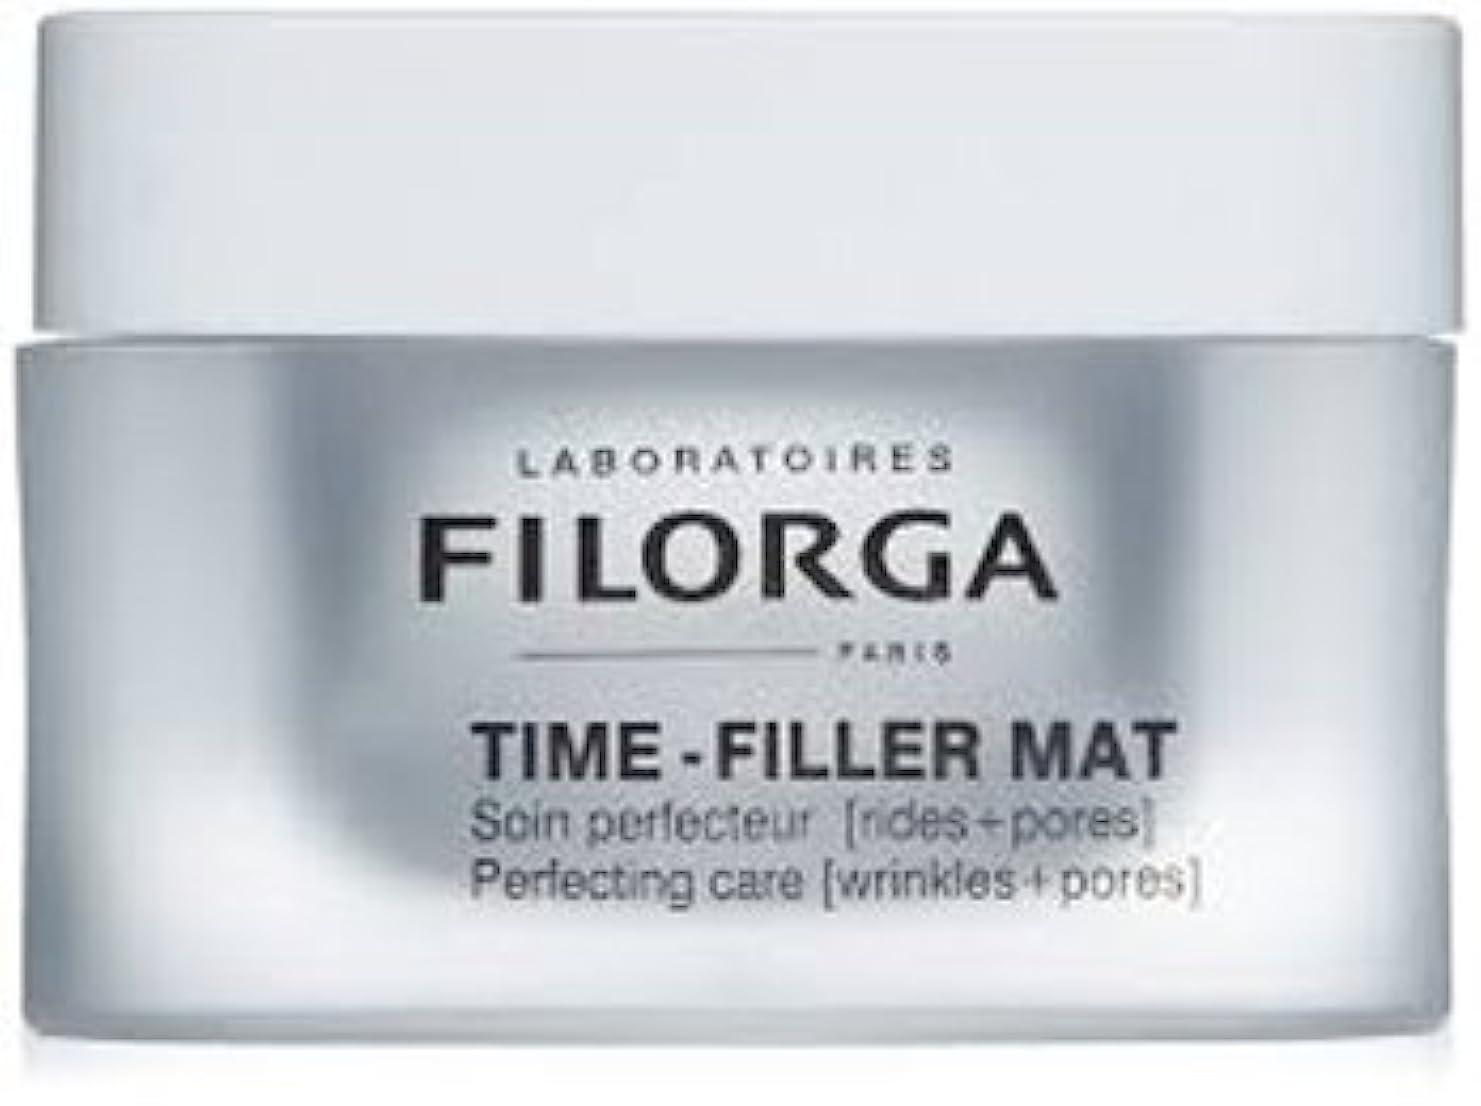 性的憤る軽減する[フィロルガ] タイムフィラーMAT TIME FILLER MAT 50ml [海外直送品][フランス直送品] [並行輸入品]